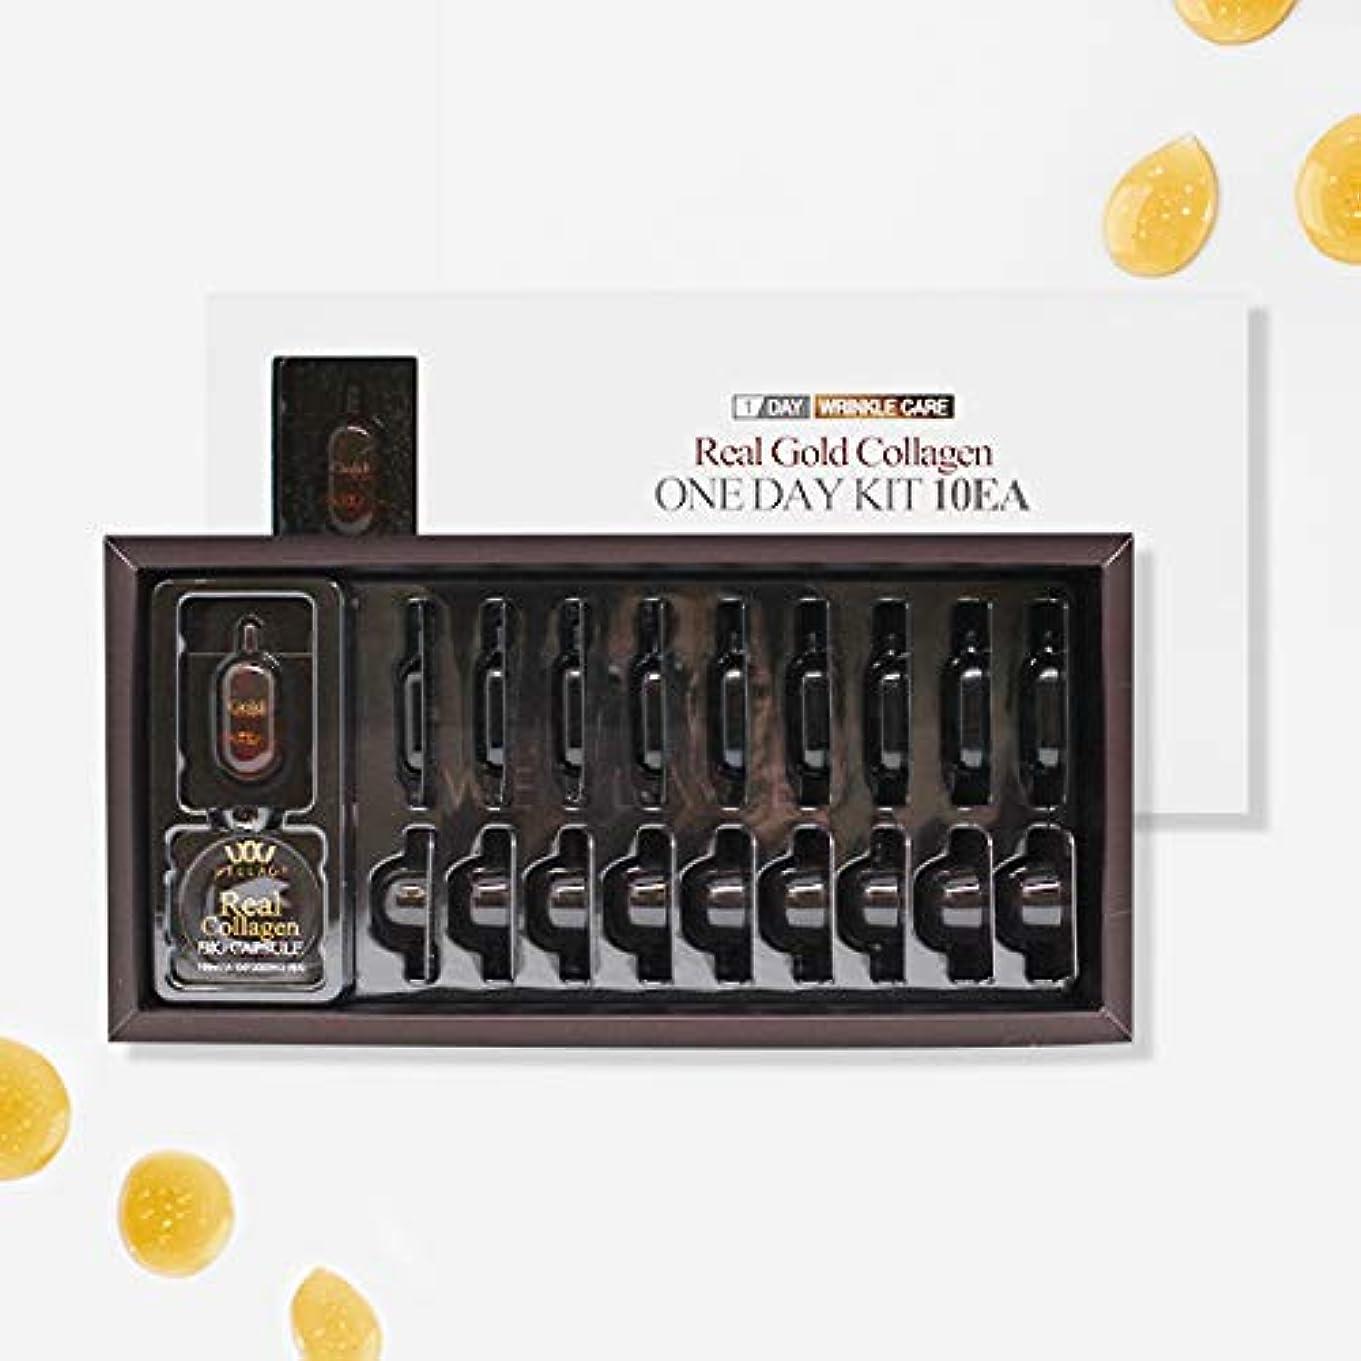 懐マカダムマネージャーWELLAGE(ウェラージュ) リアルゴールドワンデーキットバイオカプセル 10EA (しわケア)/ Real Gold One Day Kit Bio Capsule